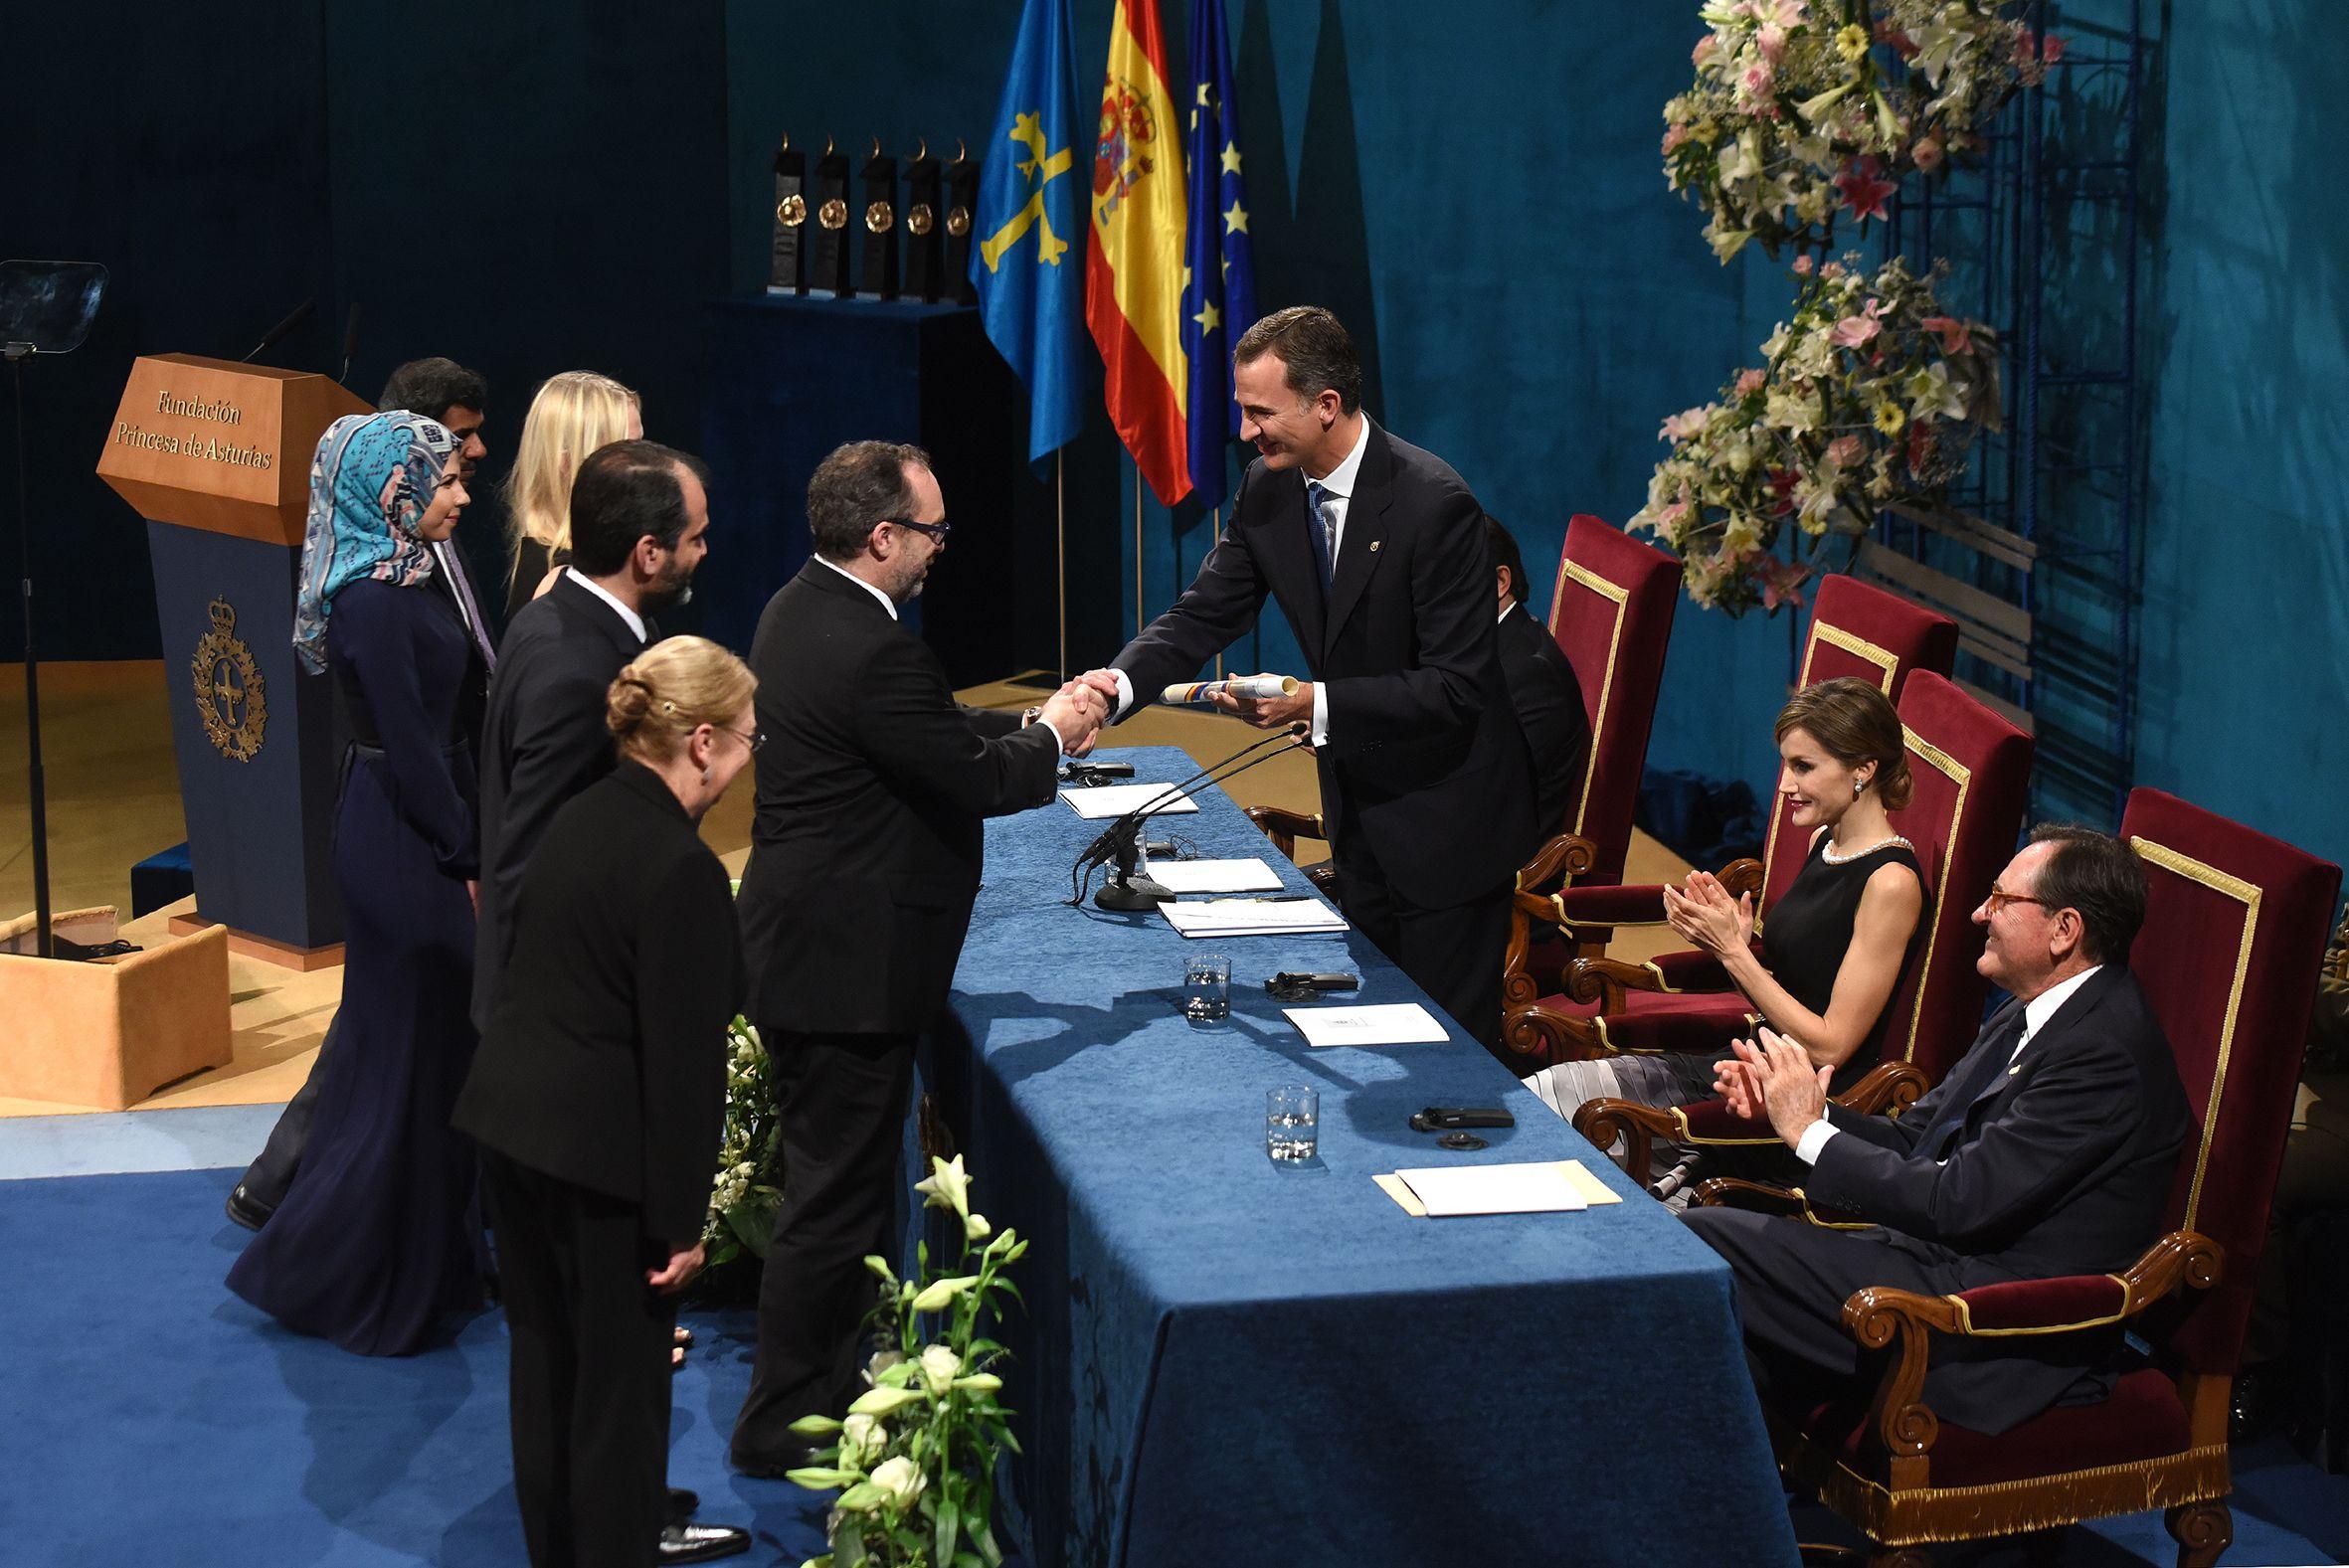 La reina Letizia saluda a Teresa Berganza, ante la mirada de Javier Fernández y Teresa Sanjurjo, durante la inauguración de los cursos musicales de la Fundación Princesa 2015.Un momento de la ceremonia de entrega de los Premios Princesa de Asturias 2015